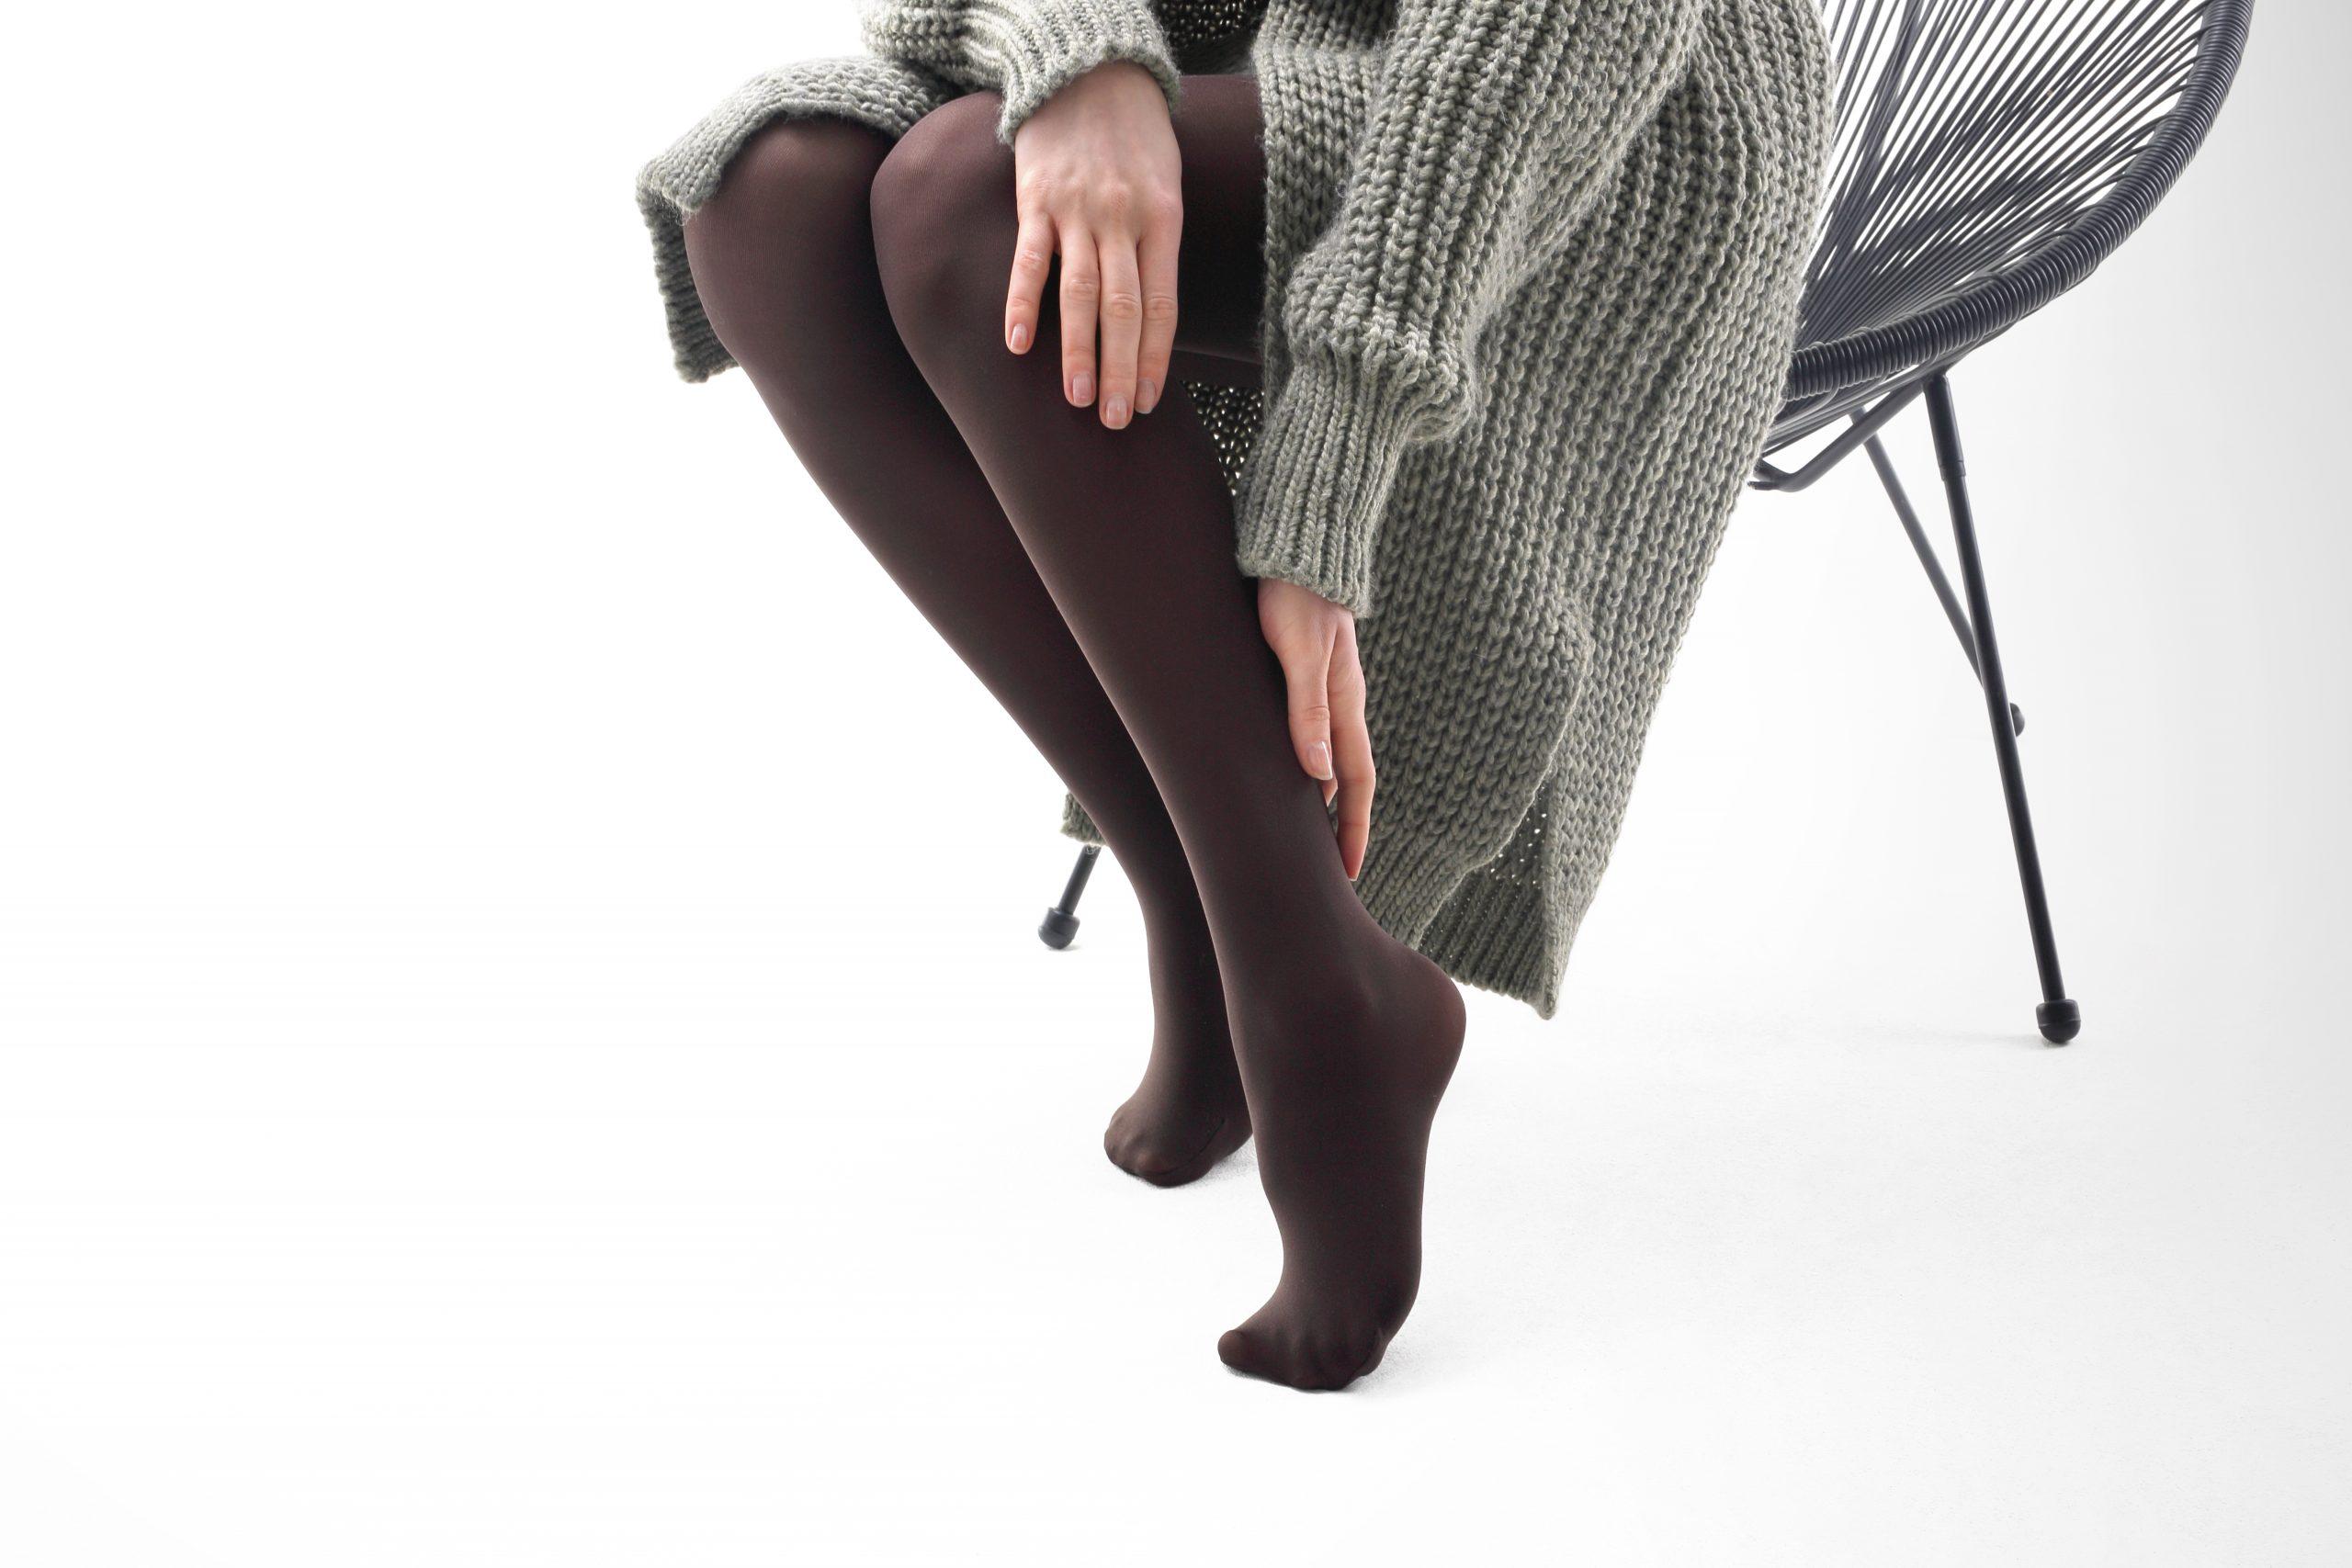 Cine ar trebui să poarte ciorapi compresivi? Cum funcționează ciorapii compresivi?